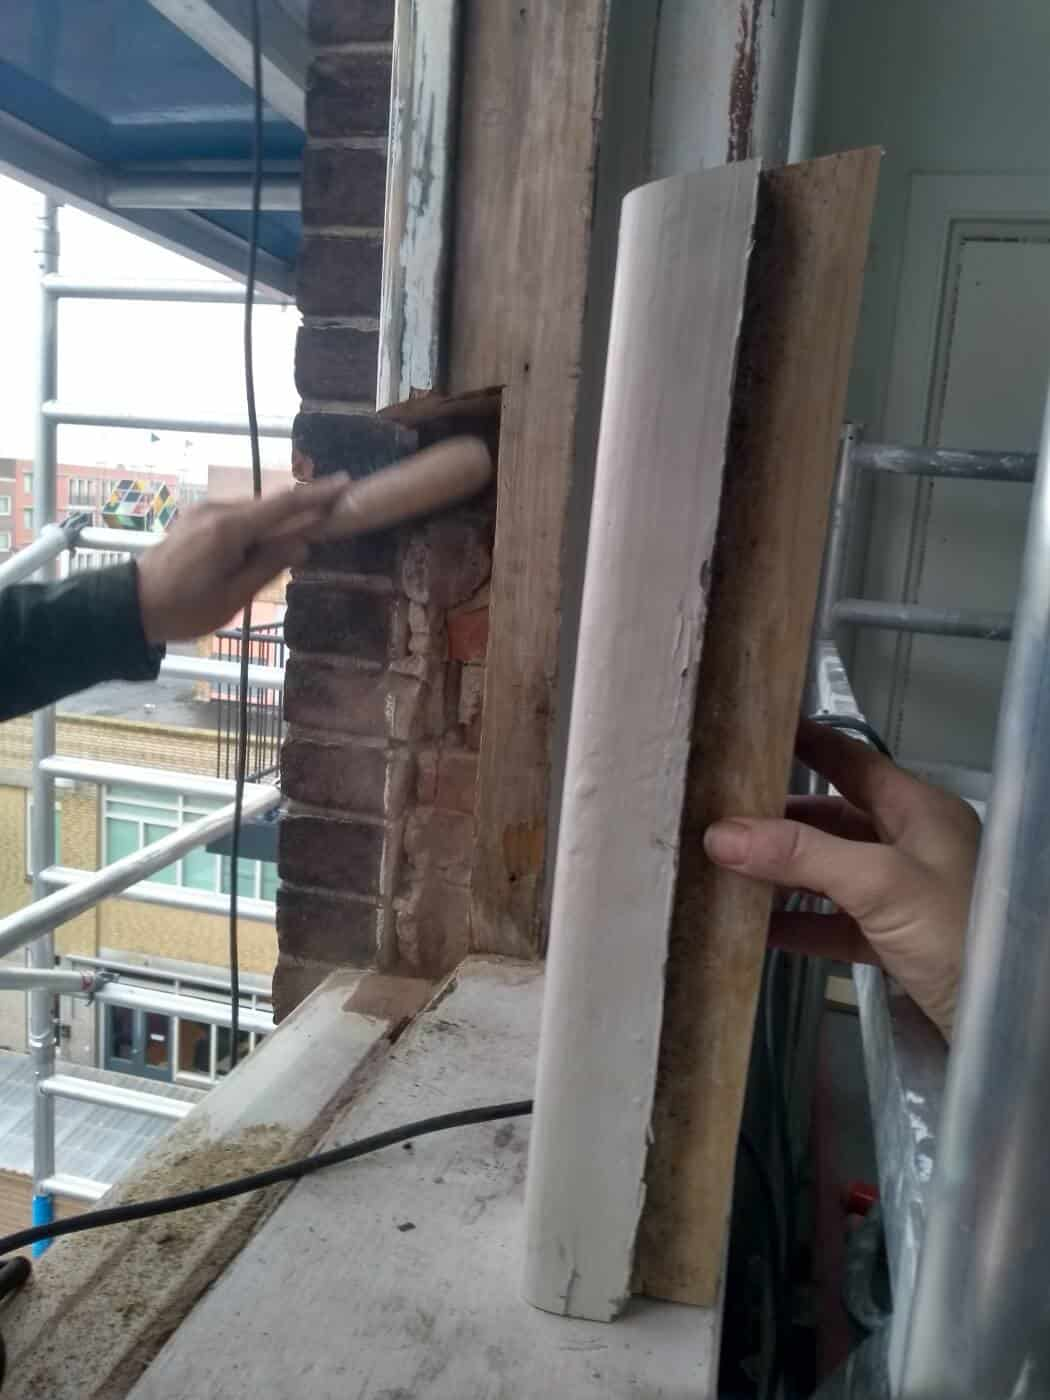 Houten kozijnreparatie houtrotherstel Den Haag